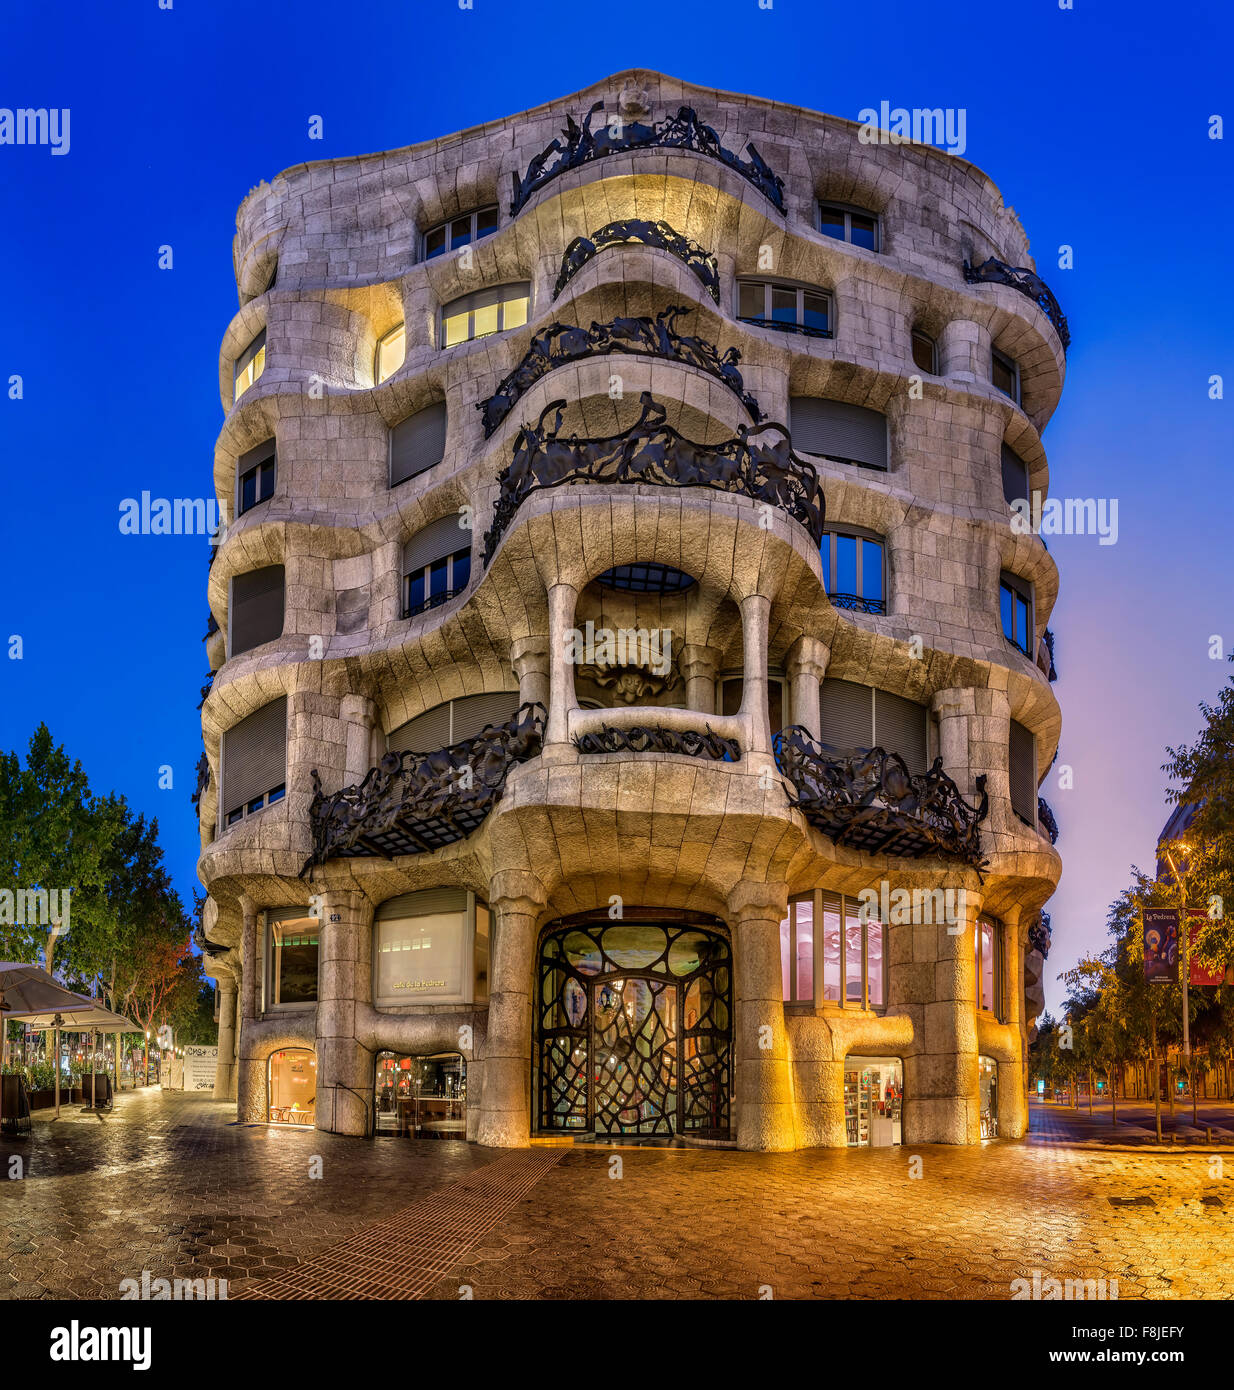 La Casa Milà, el arquitecto Antonio Gaudí, Barcelona, Cataluña, España Imagen De Stock